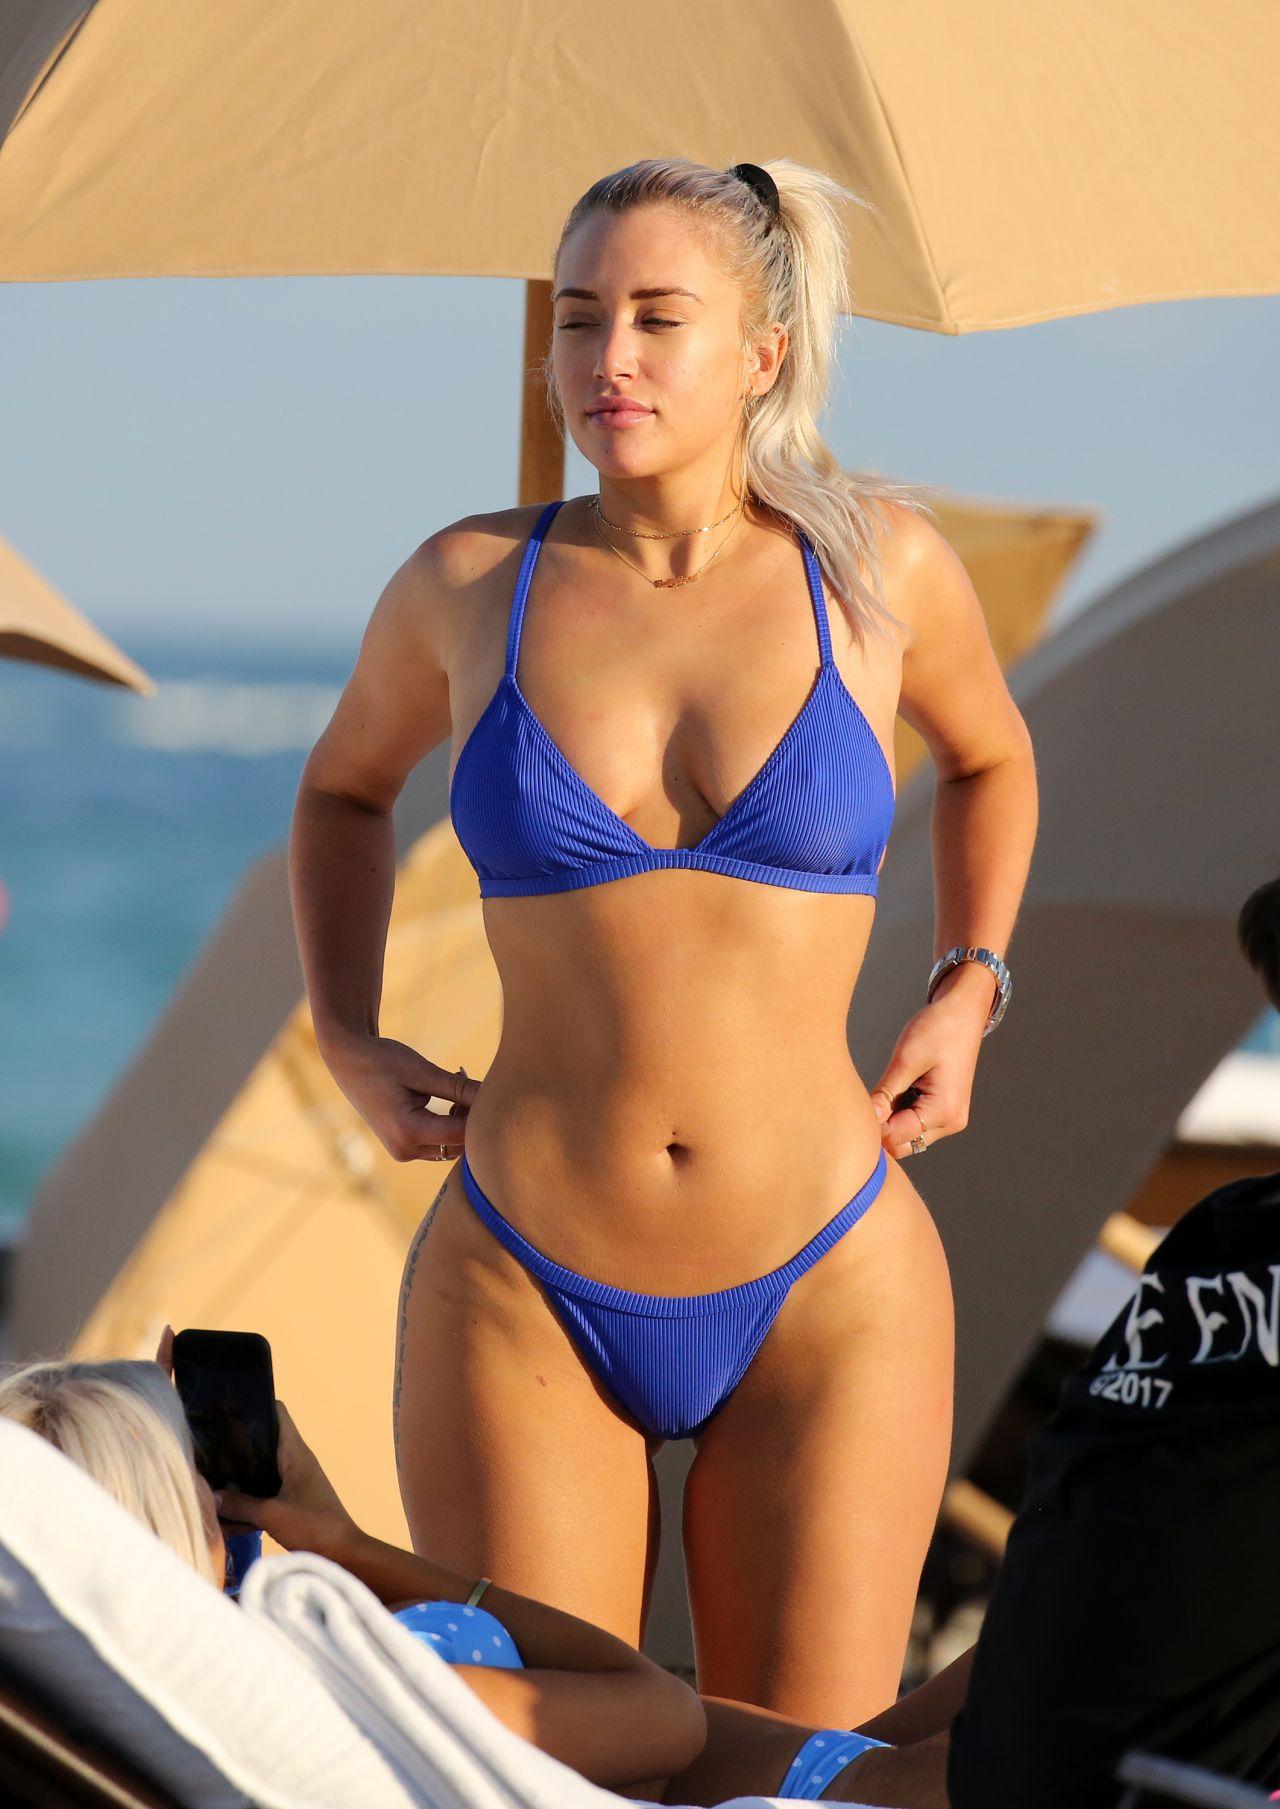 Anastasia Karanikolaou In Bikini At The Beach In Miami